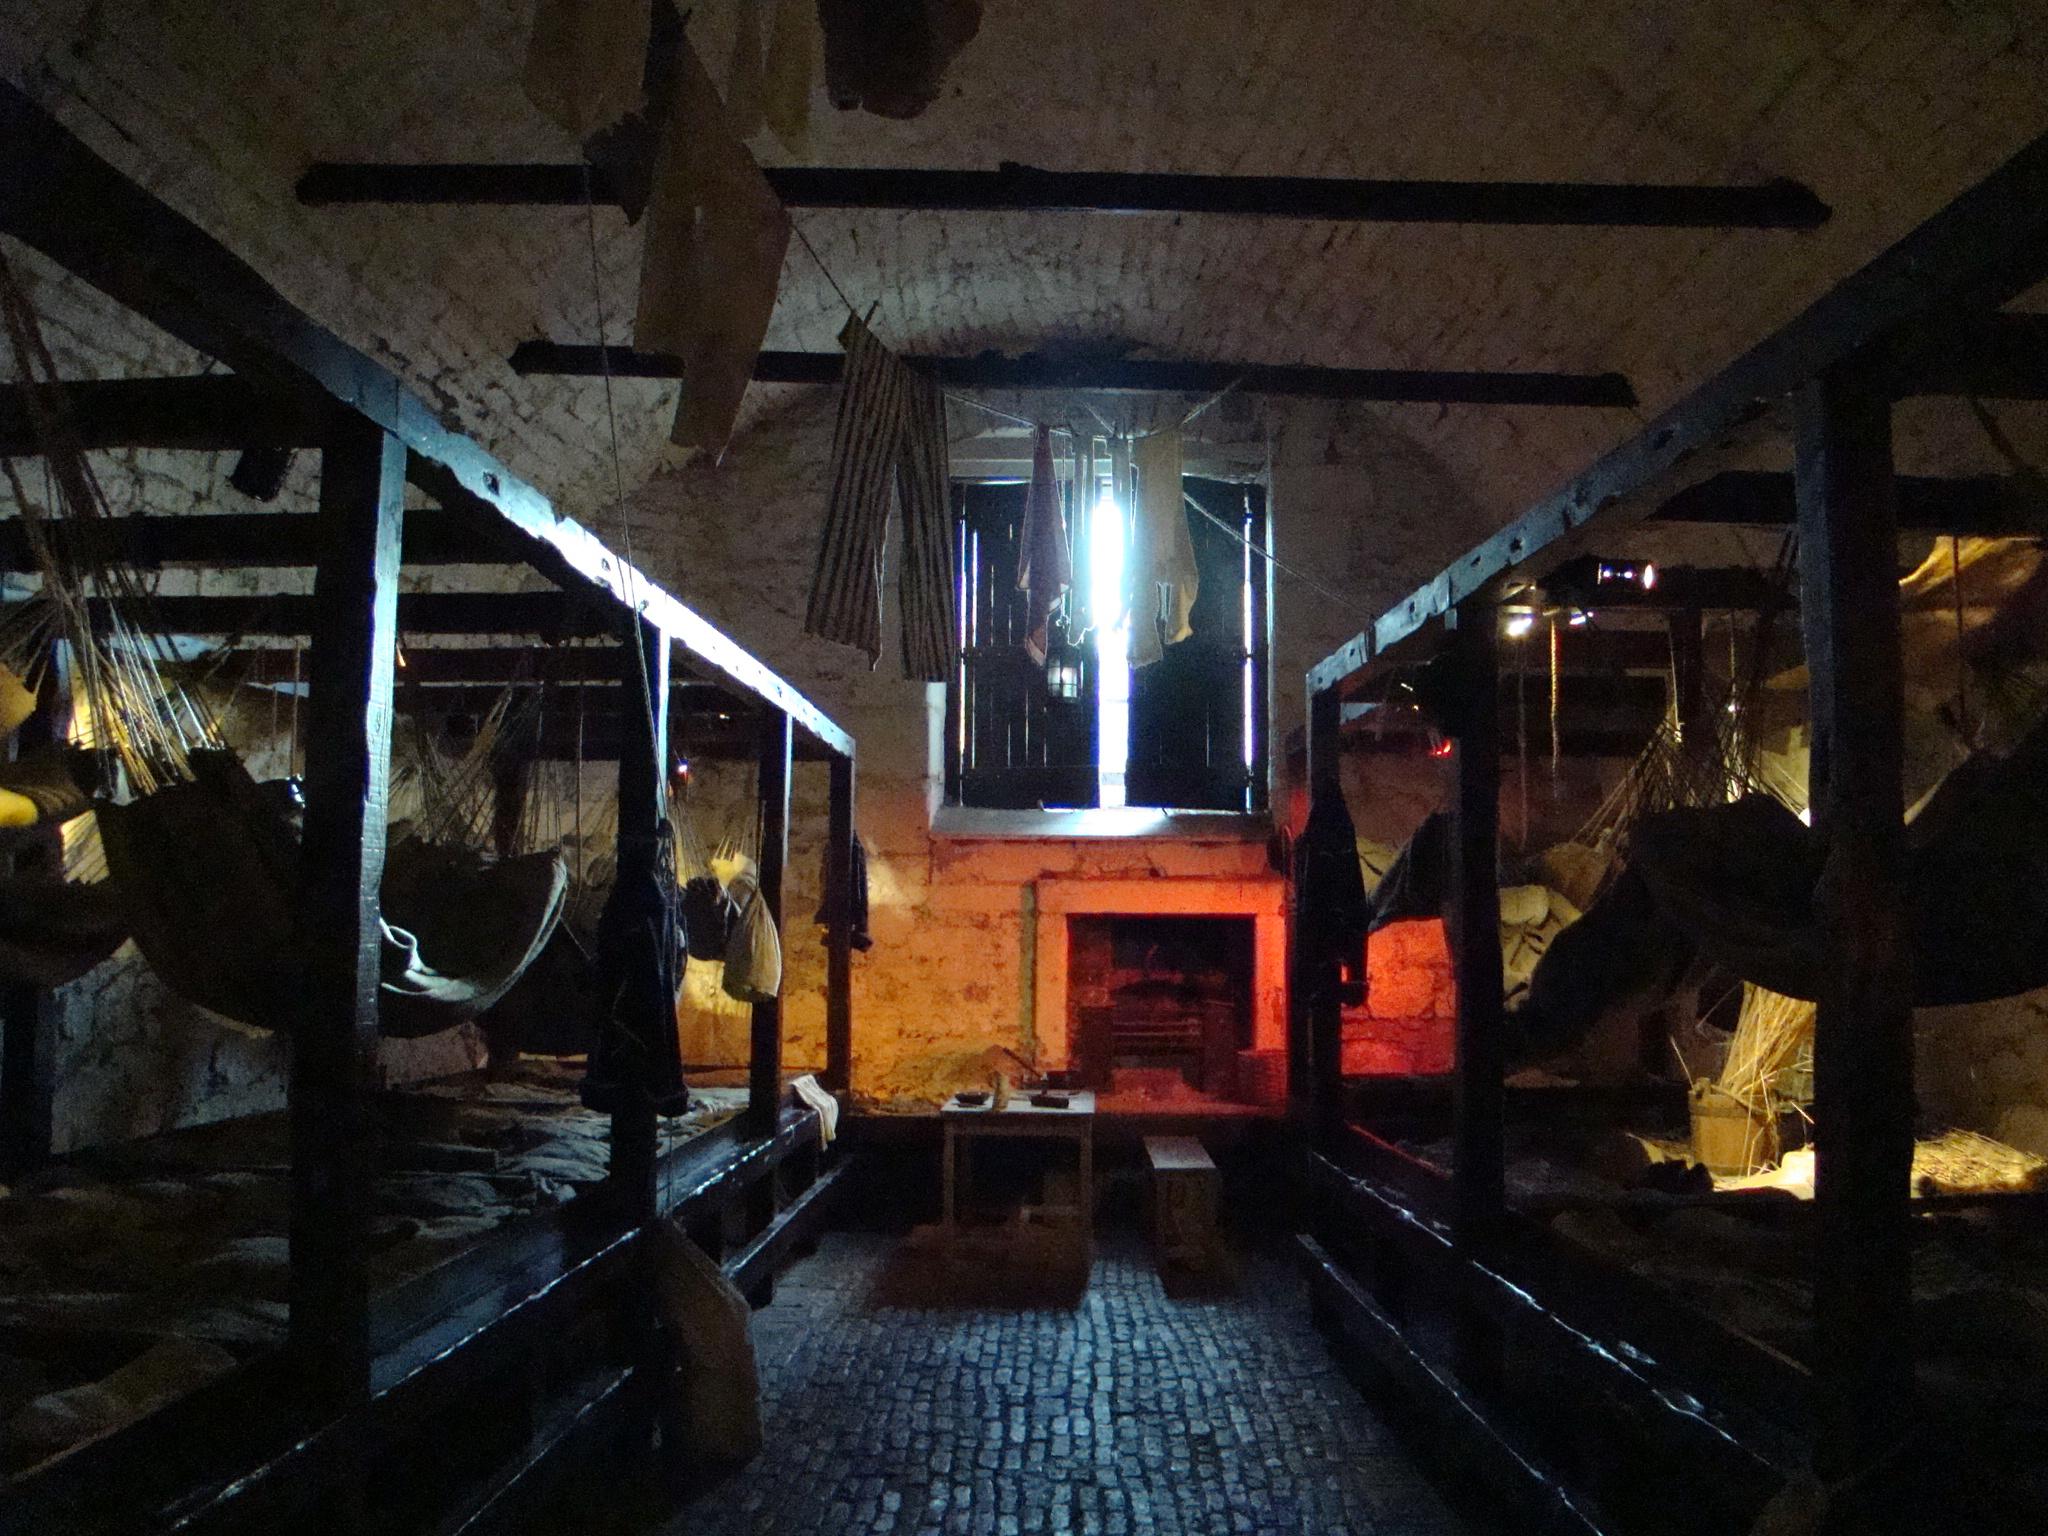 Prisão do castelo de Edimburgo